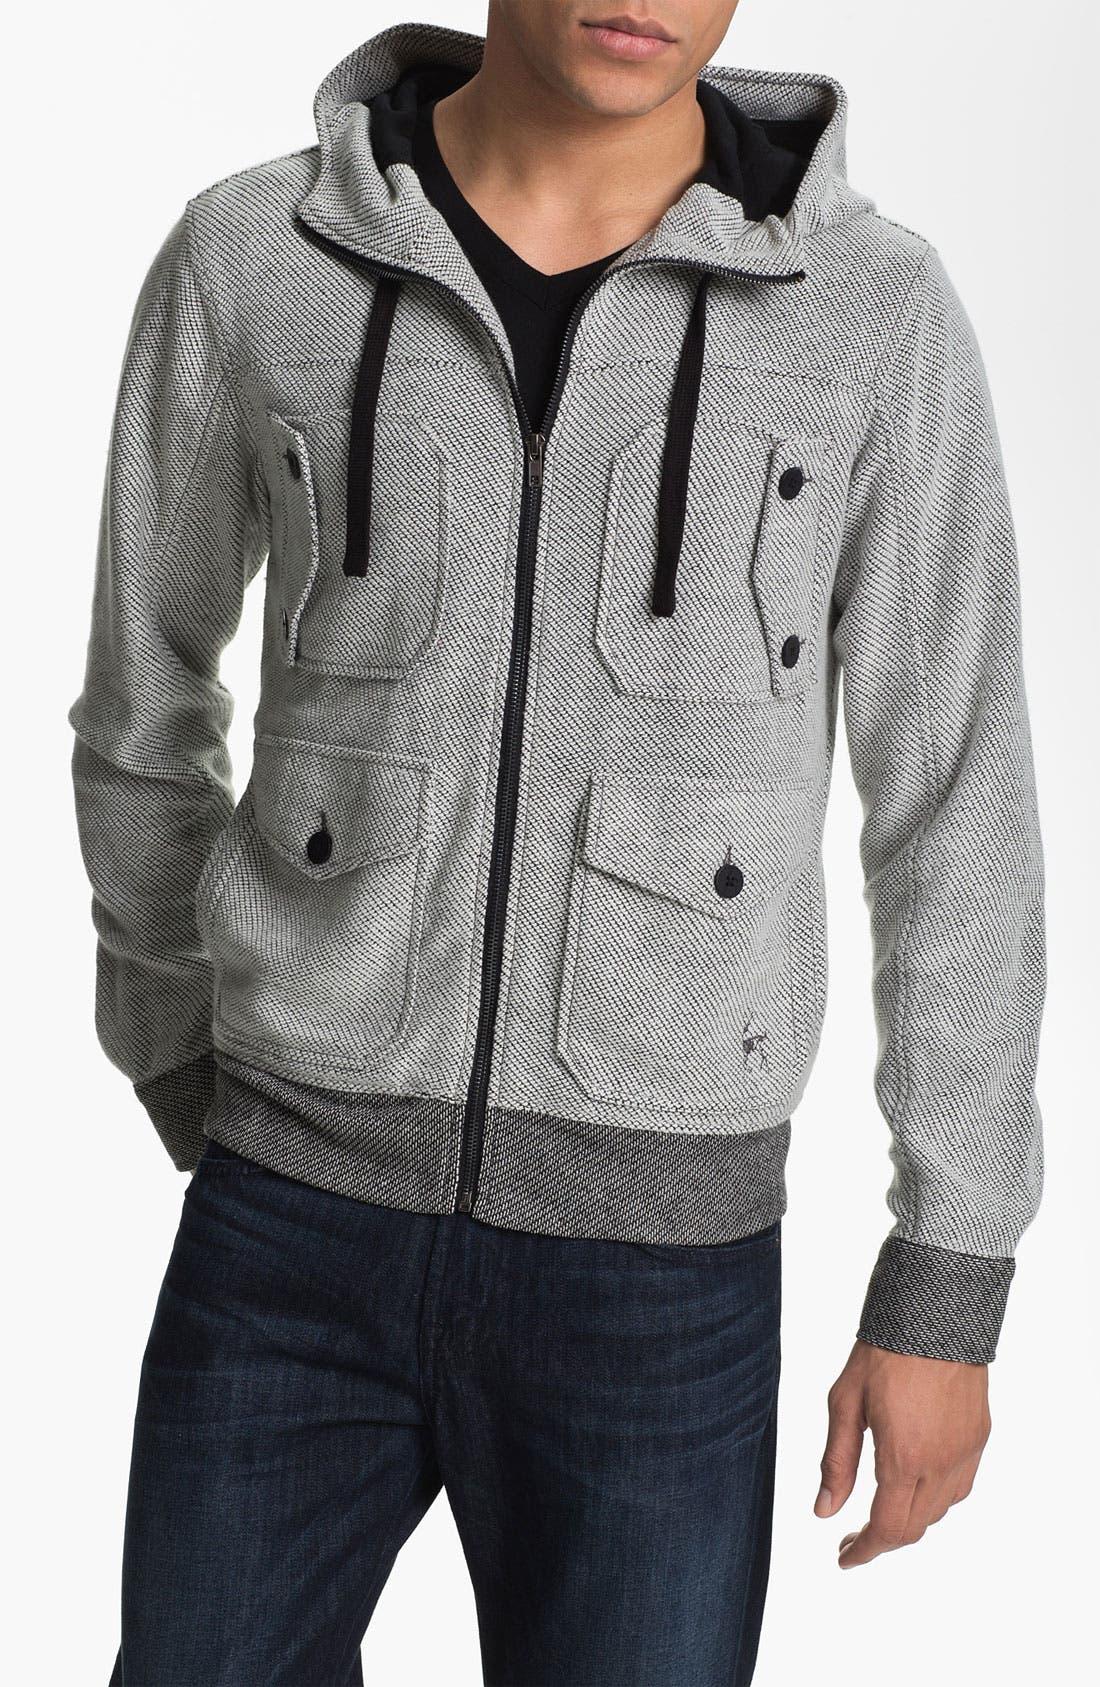 Main Image - Kane & Unke Hooded Knit Jacket